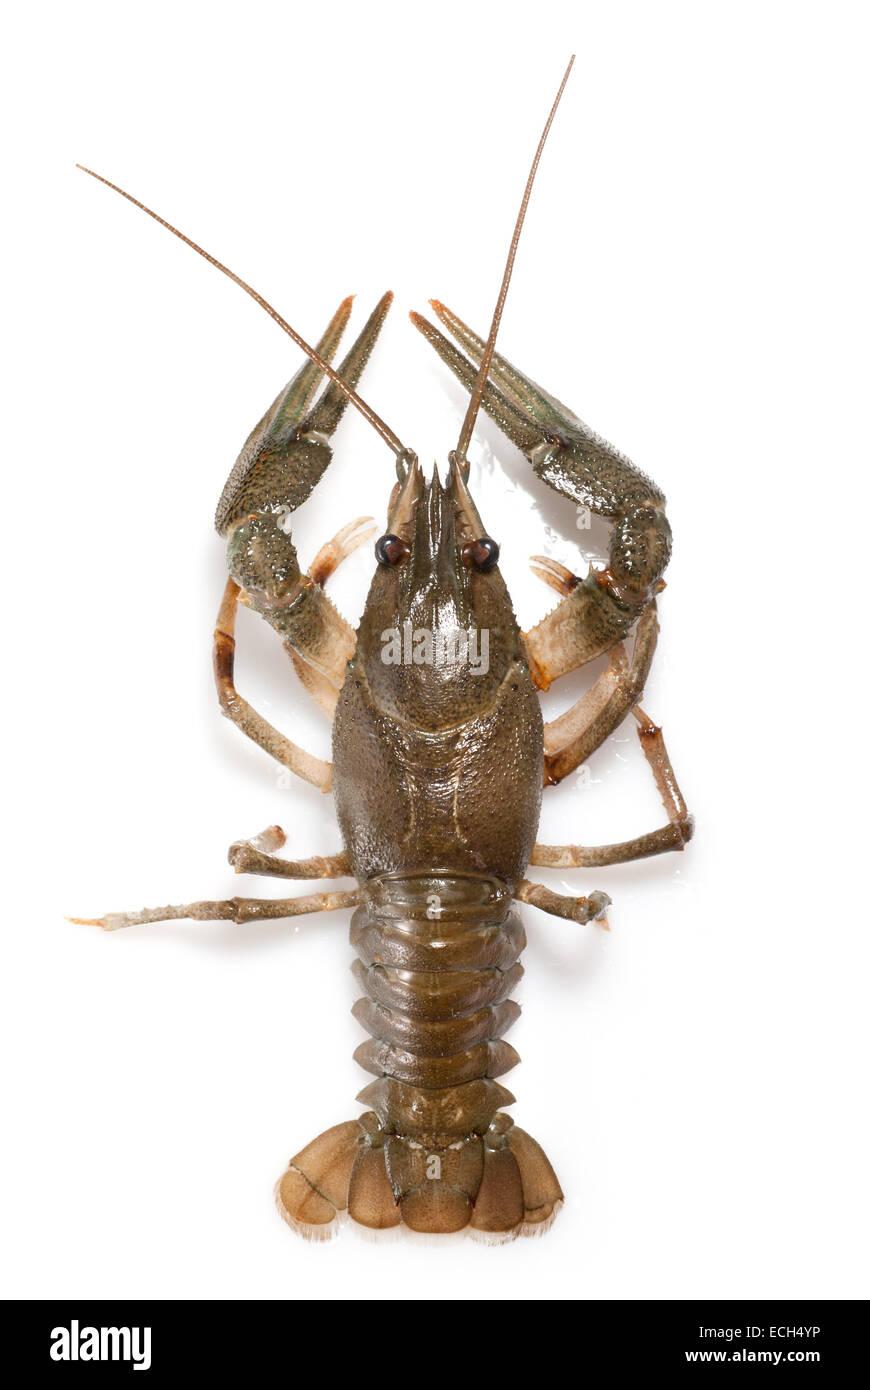 alive crayfish isolated on white - Stock Image